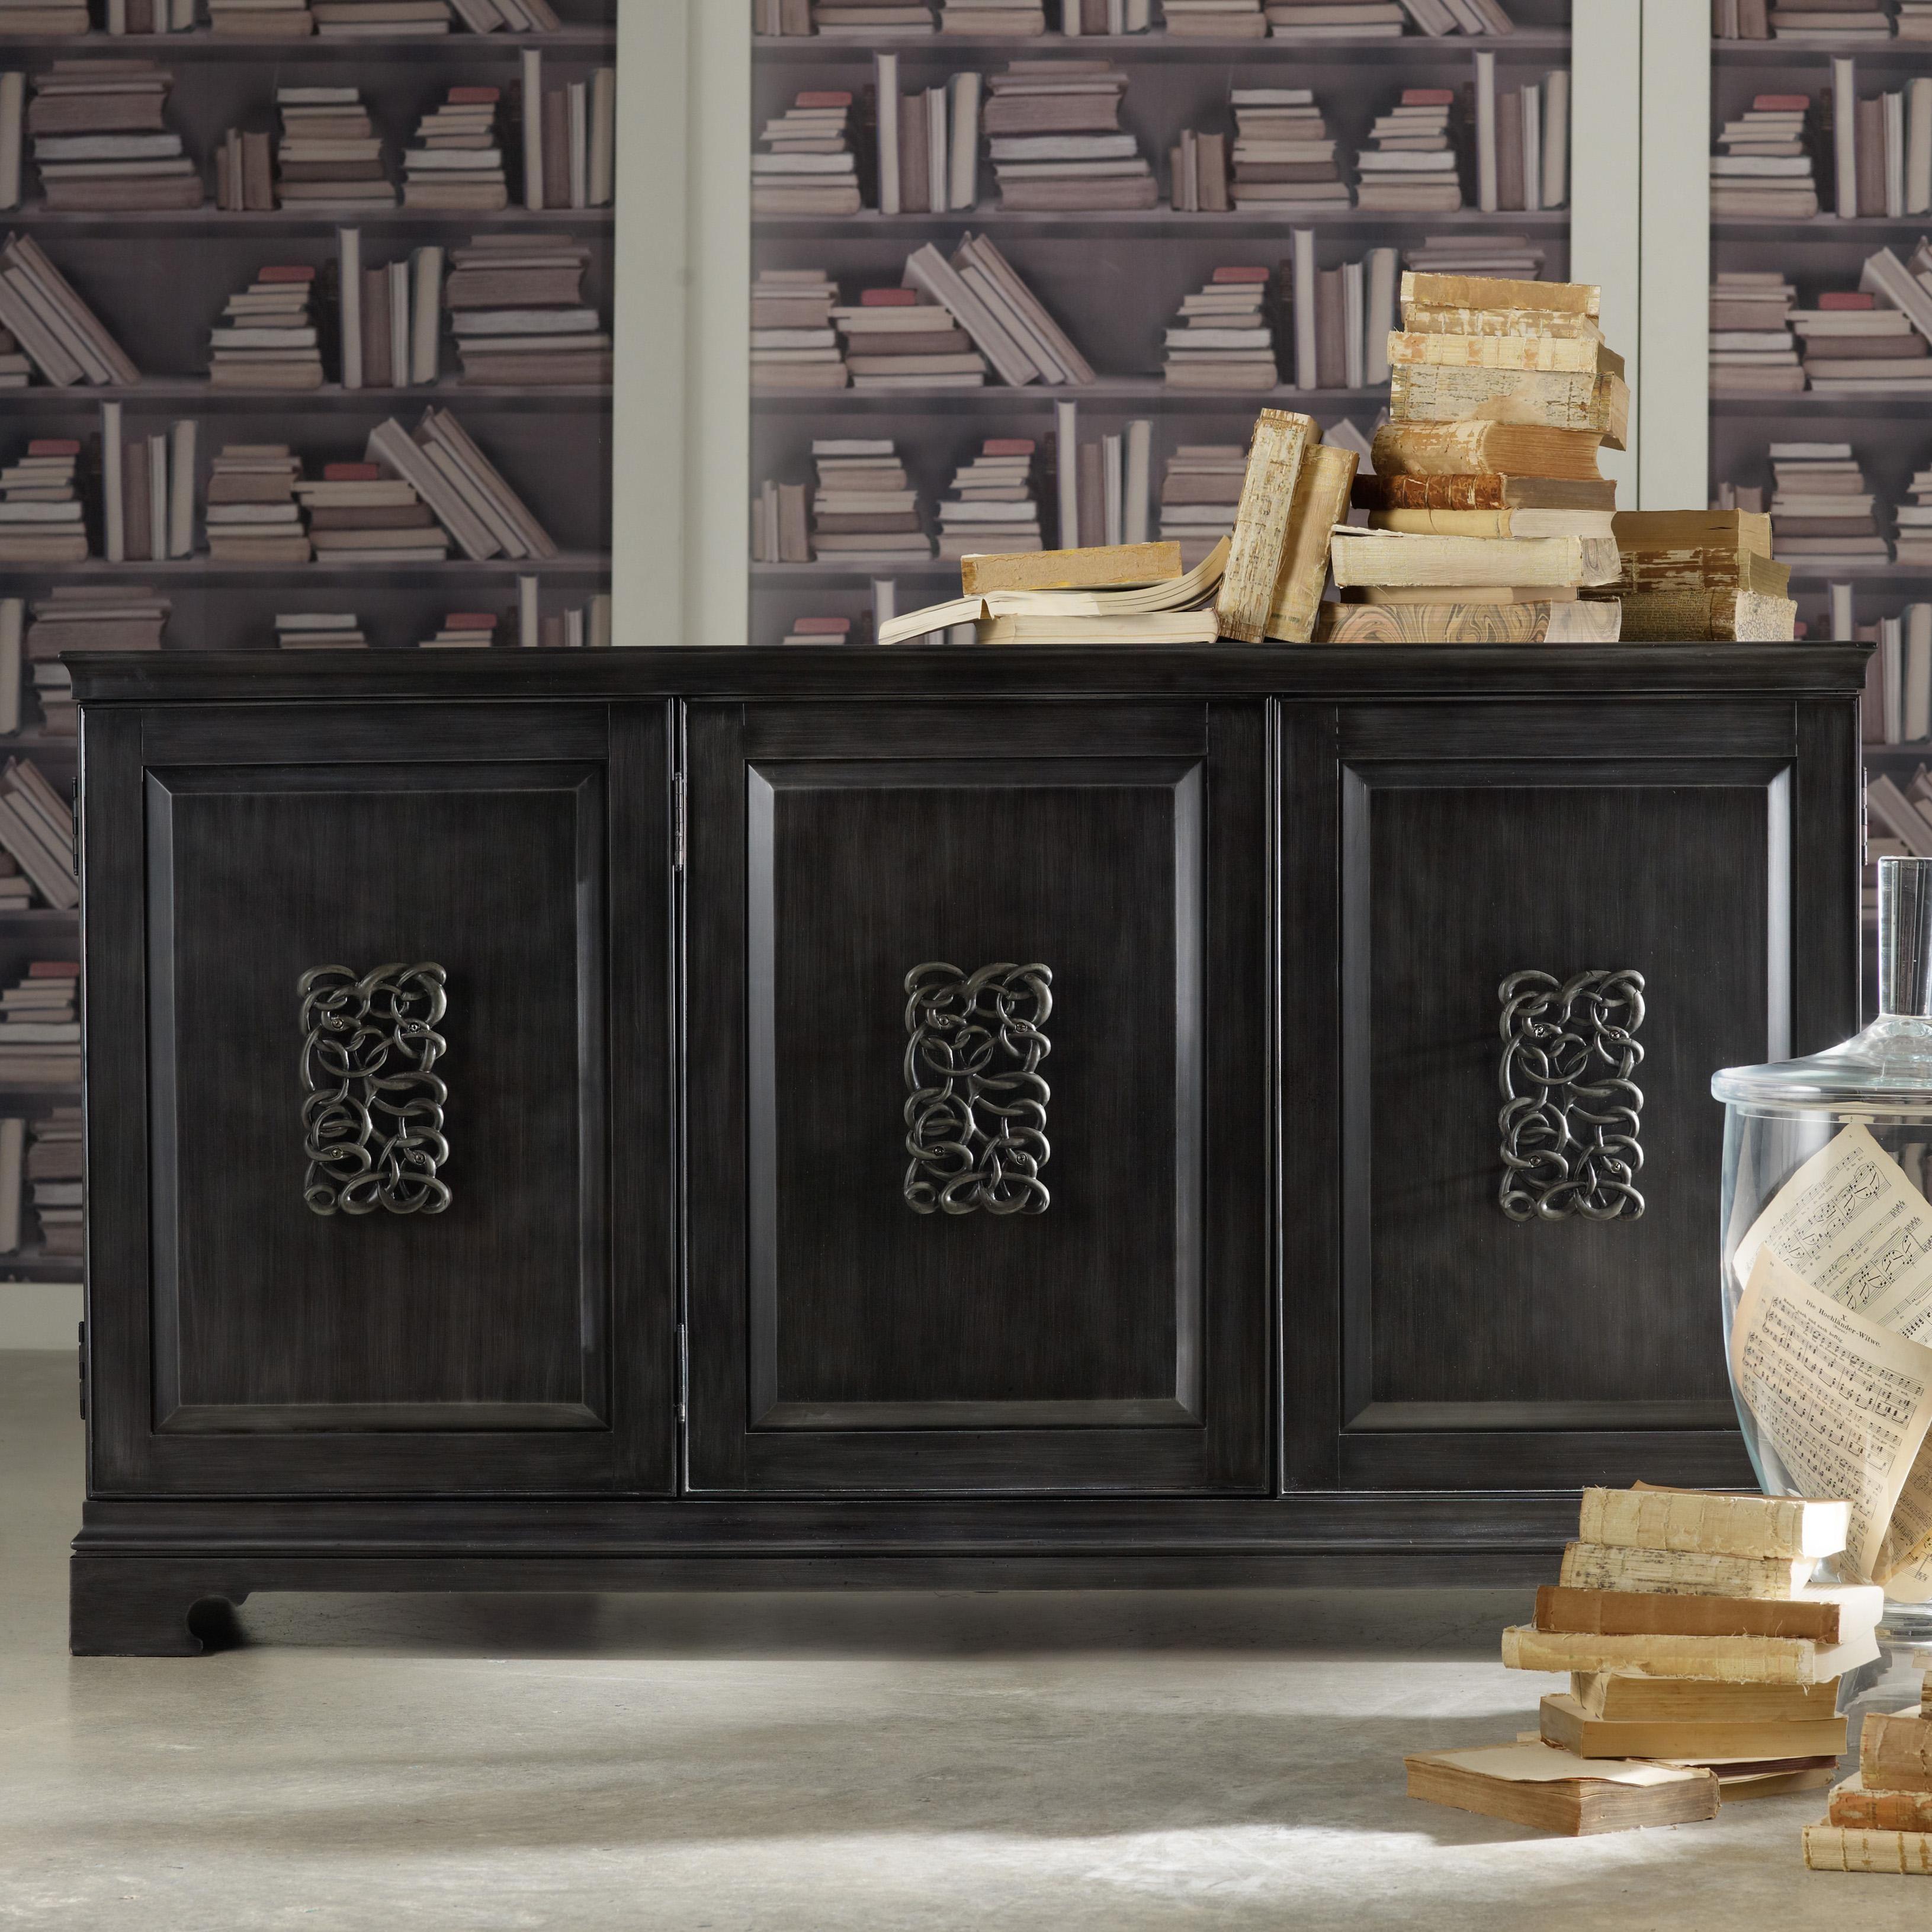 Inspiration about Mélange Brockton Credenzahooker Furniture | Benefit Home Inside Best And Newest Melange Brockton Sideboards (#1 of 20)